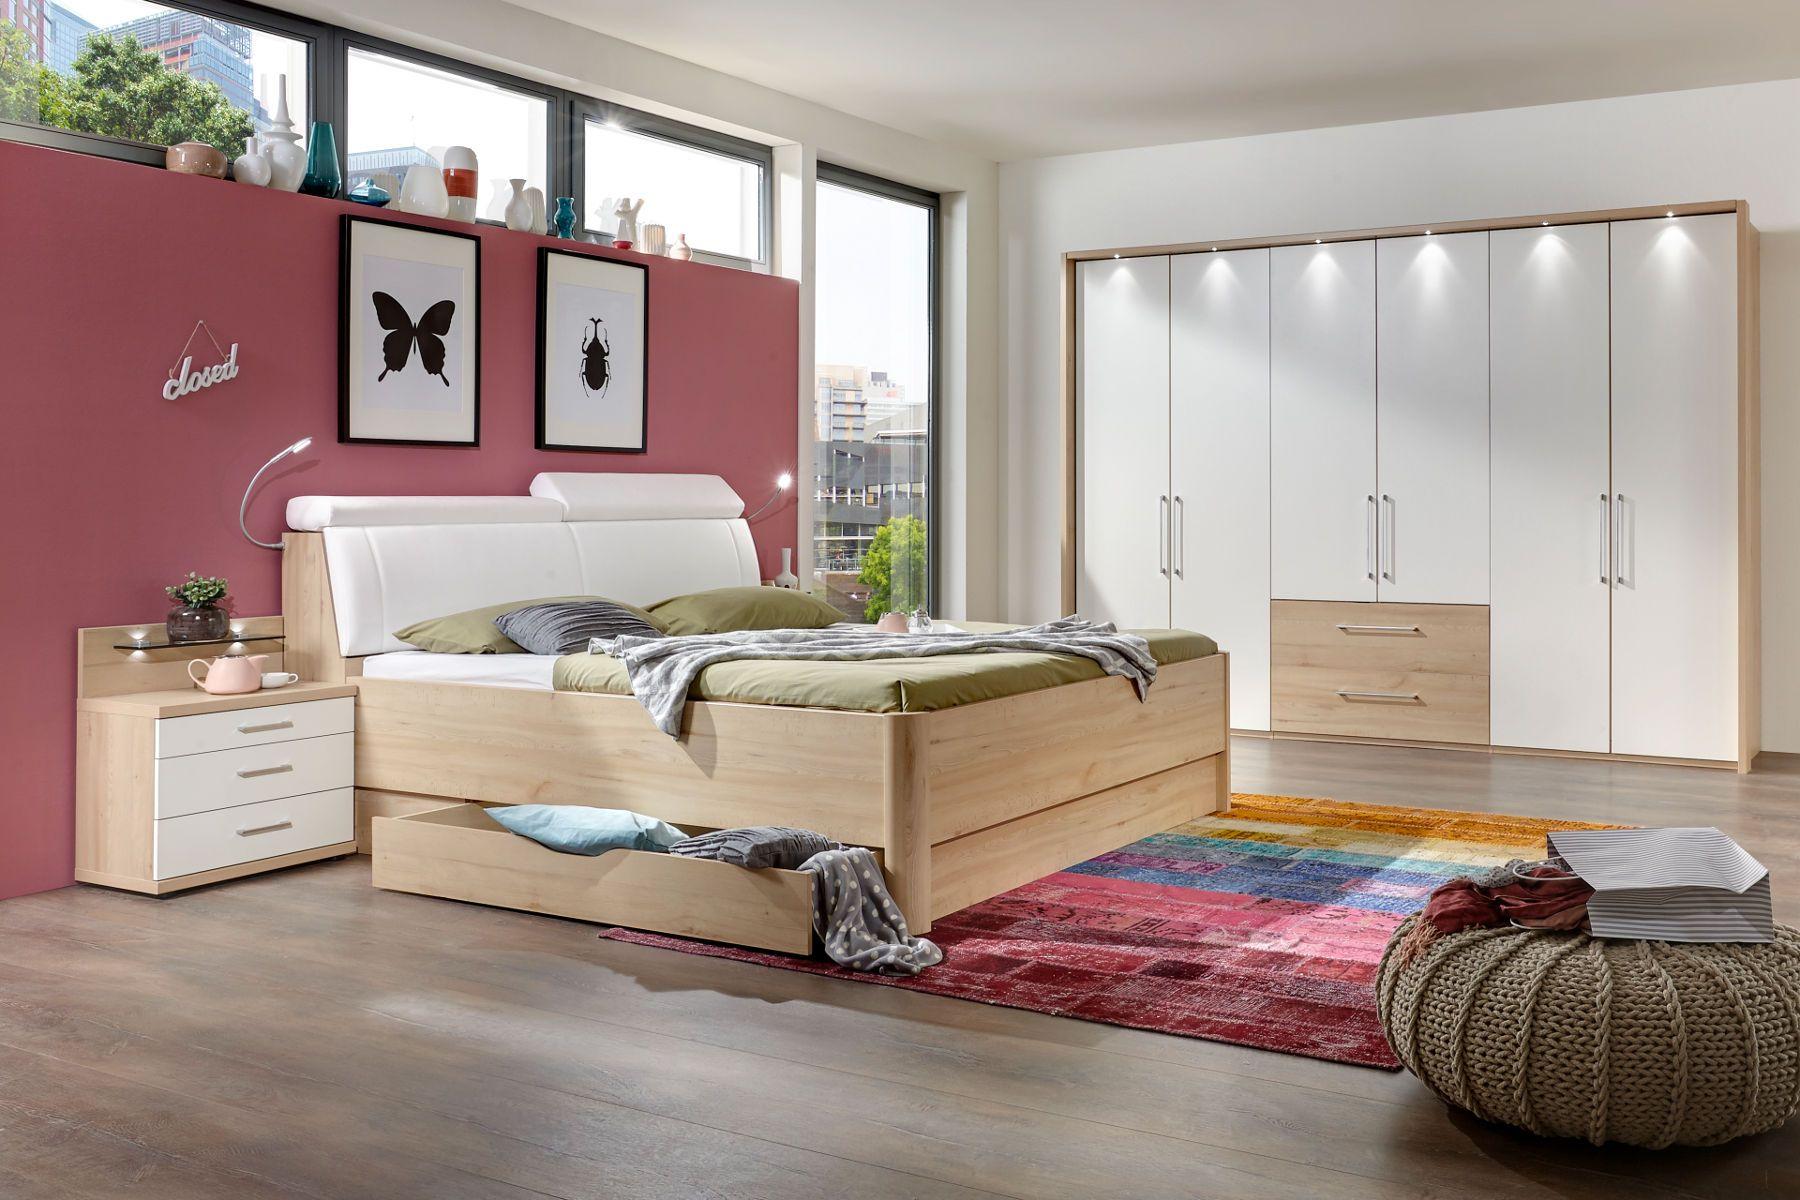 Schlafzimmerschrank M ~ Massiv mu f bel schlafzimmer mexican online kaufen mexicans